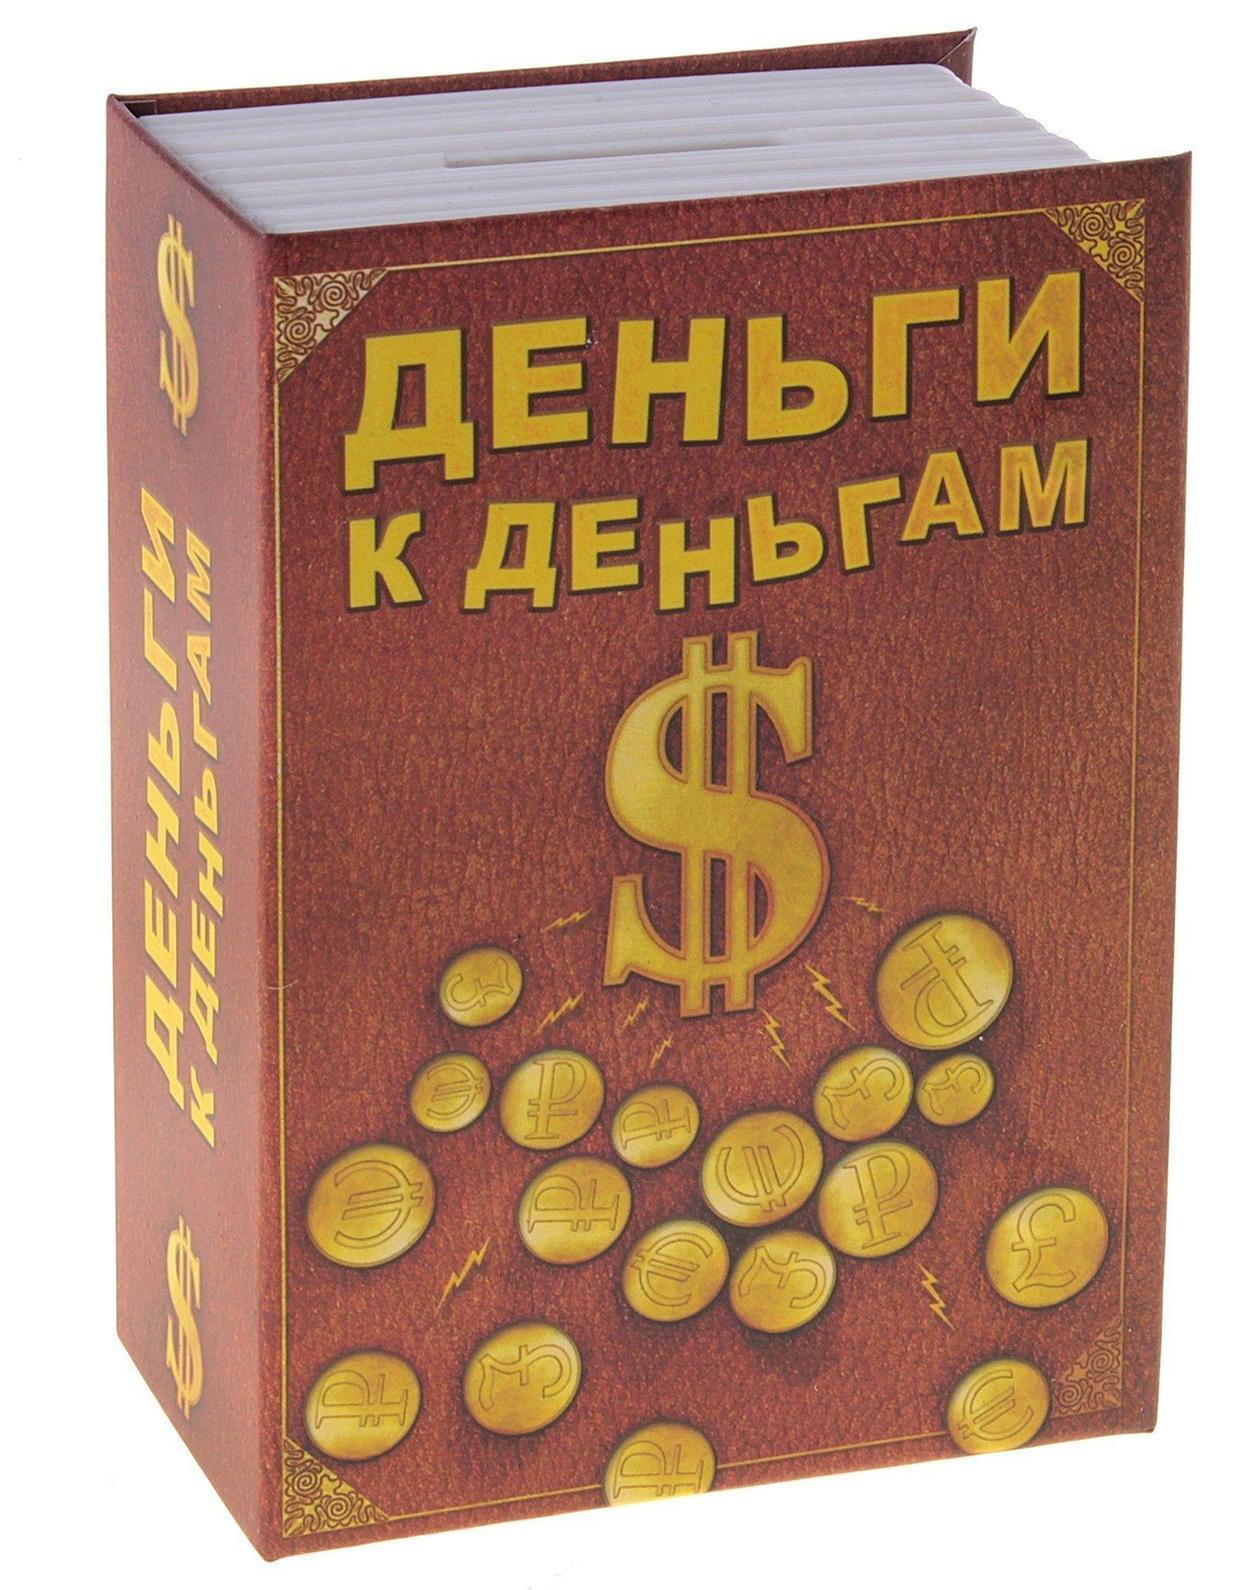 Сейф-копилка Деньги к деньгам. 66372712723Сейф-копилка Деньги к деньгам - отличный подарок, подчеркивающий яркую индивидуальность и амбициозные планы того, кому он предназначается. Изготовлена из металла и декорирована соответствующей надписью. Сейф оснащен замком и закрывается на ключ. Копилка - это оригинальный и нужный подарок на все случаи жизни. Характеристики: Материал: металл. Цвет: коричневый. Размер копилки: 11,5 см х 11,5 см х 8 см. Размер упаковки: 12 см х 12 см х 8,5 см. Производитель: Китай. Артикул: 663727.